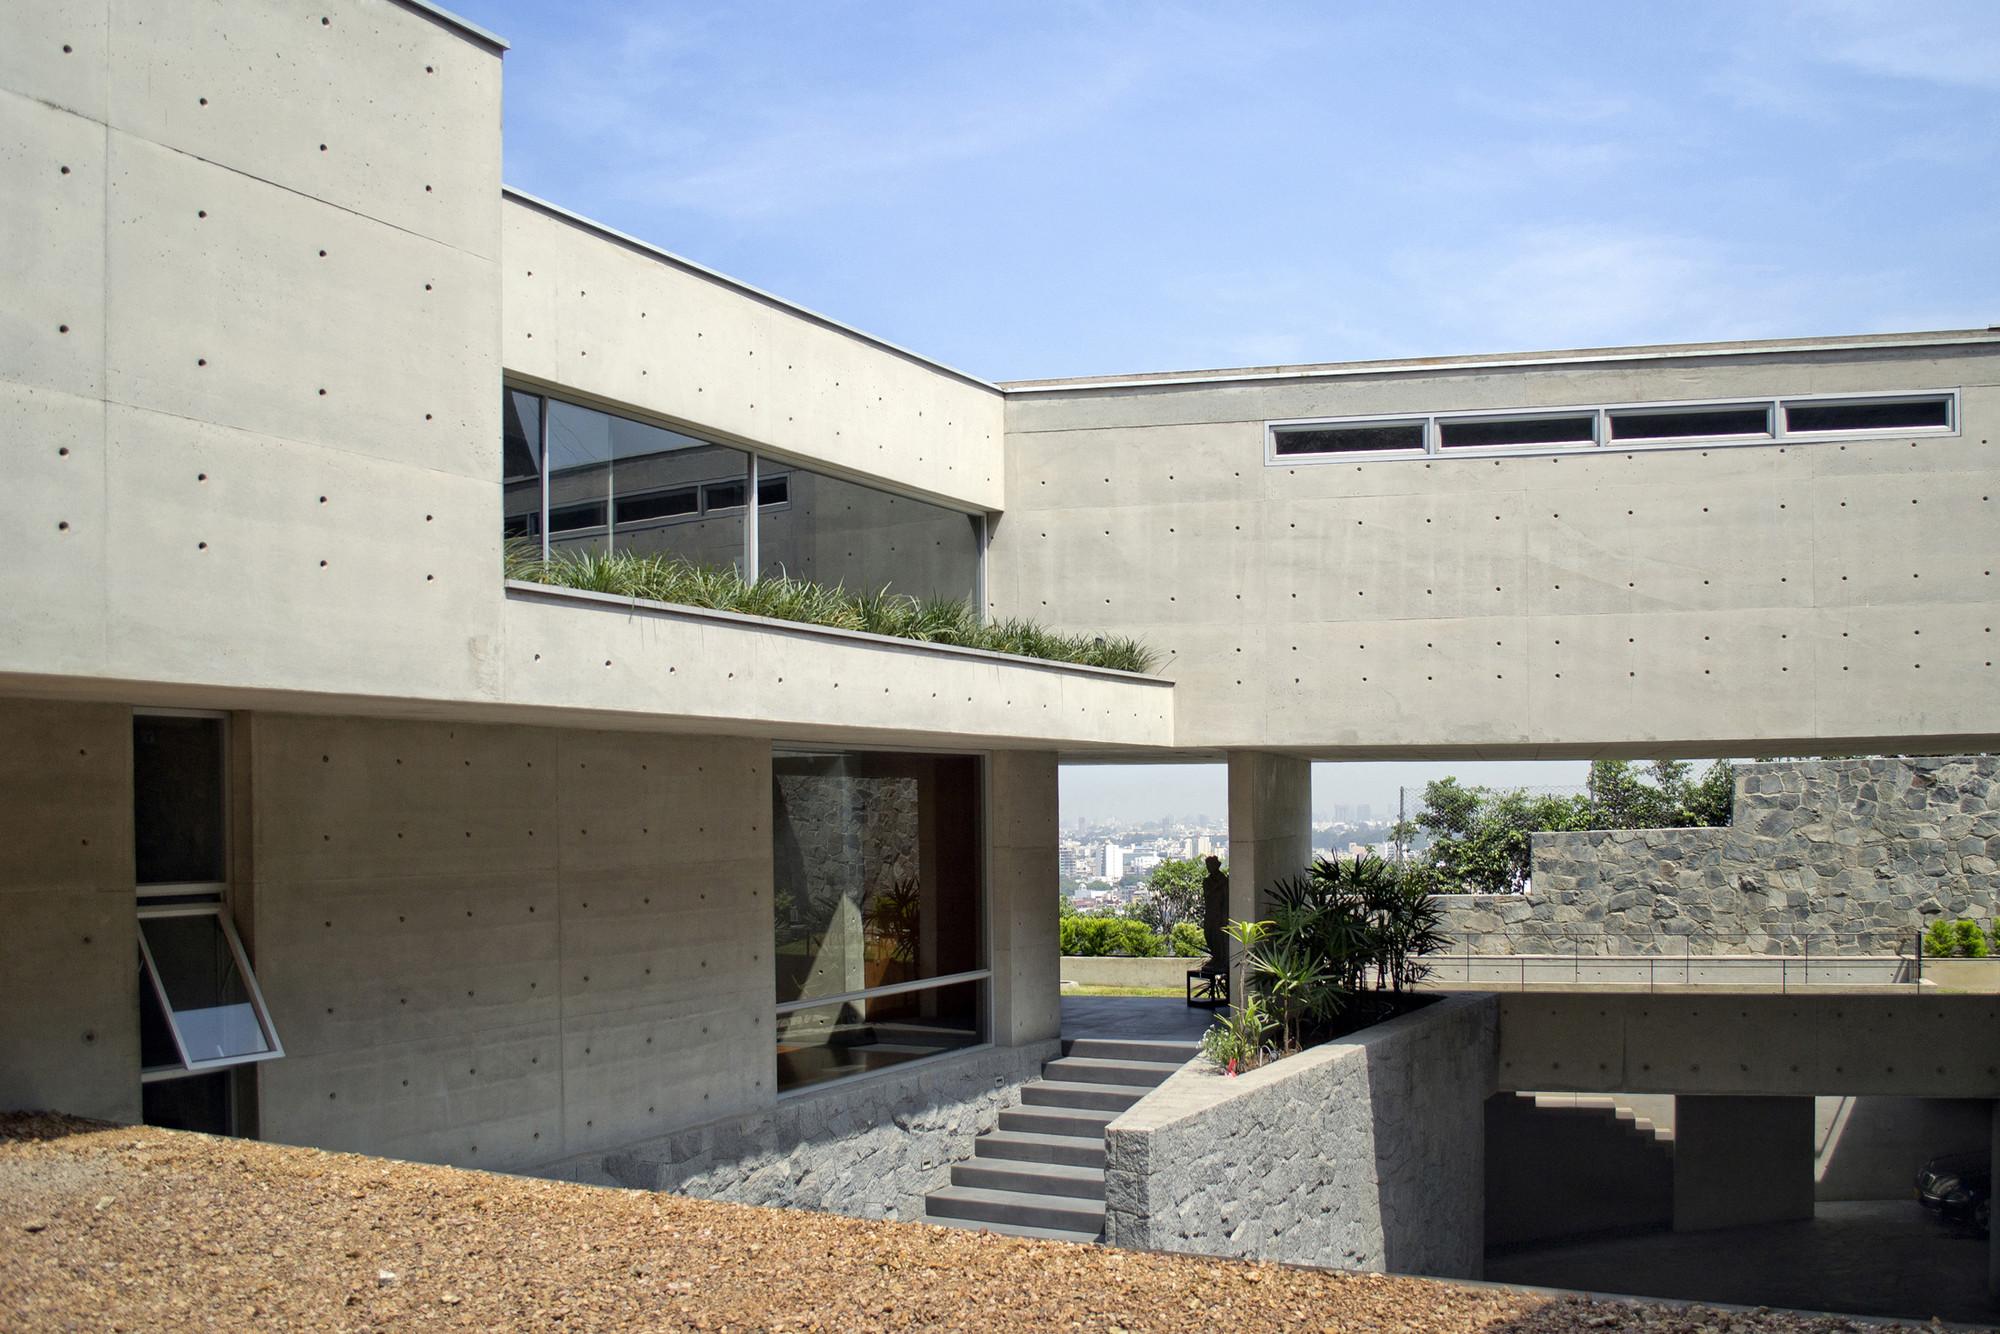 Casa en la ladera-II / Benavides & Watmough  arquitectos, © Stella Watmough